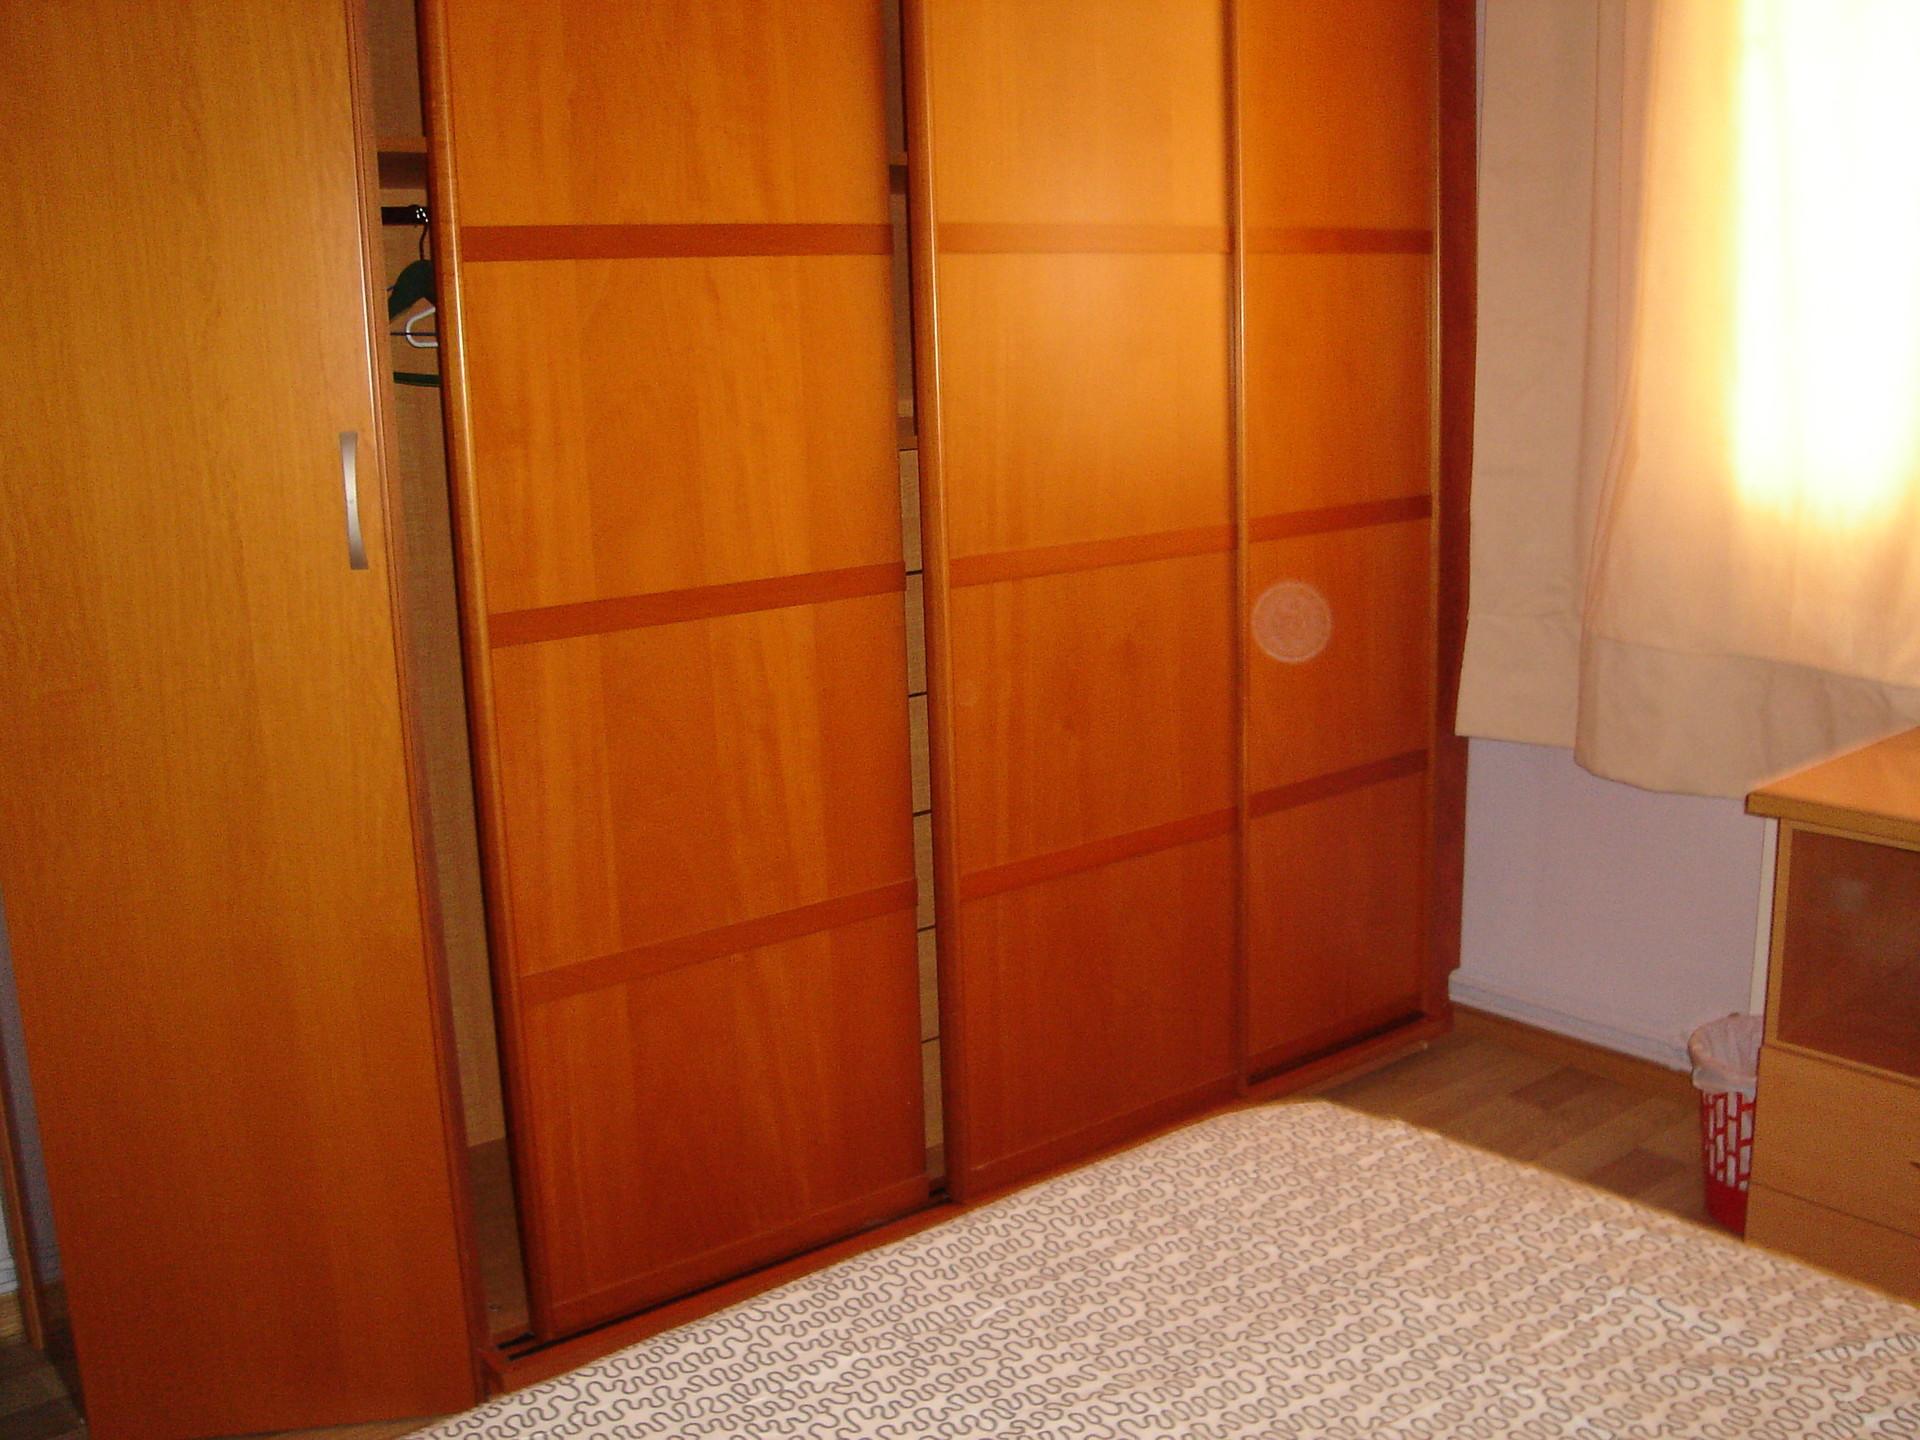 Habitaci n en piso compartido solo chicas muy pr ximo a Alquiler de habitacion en piso compartido